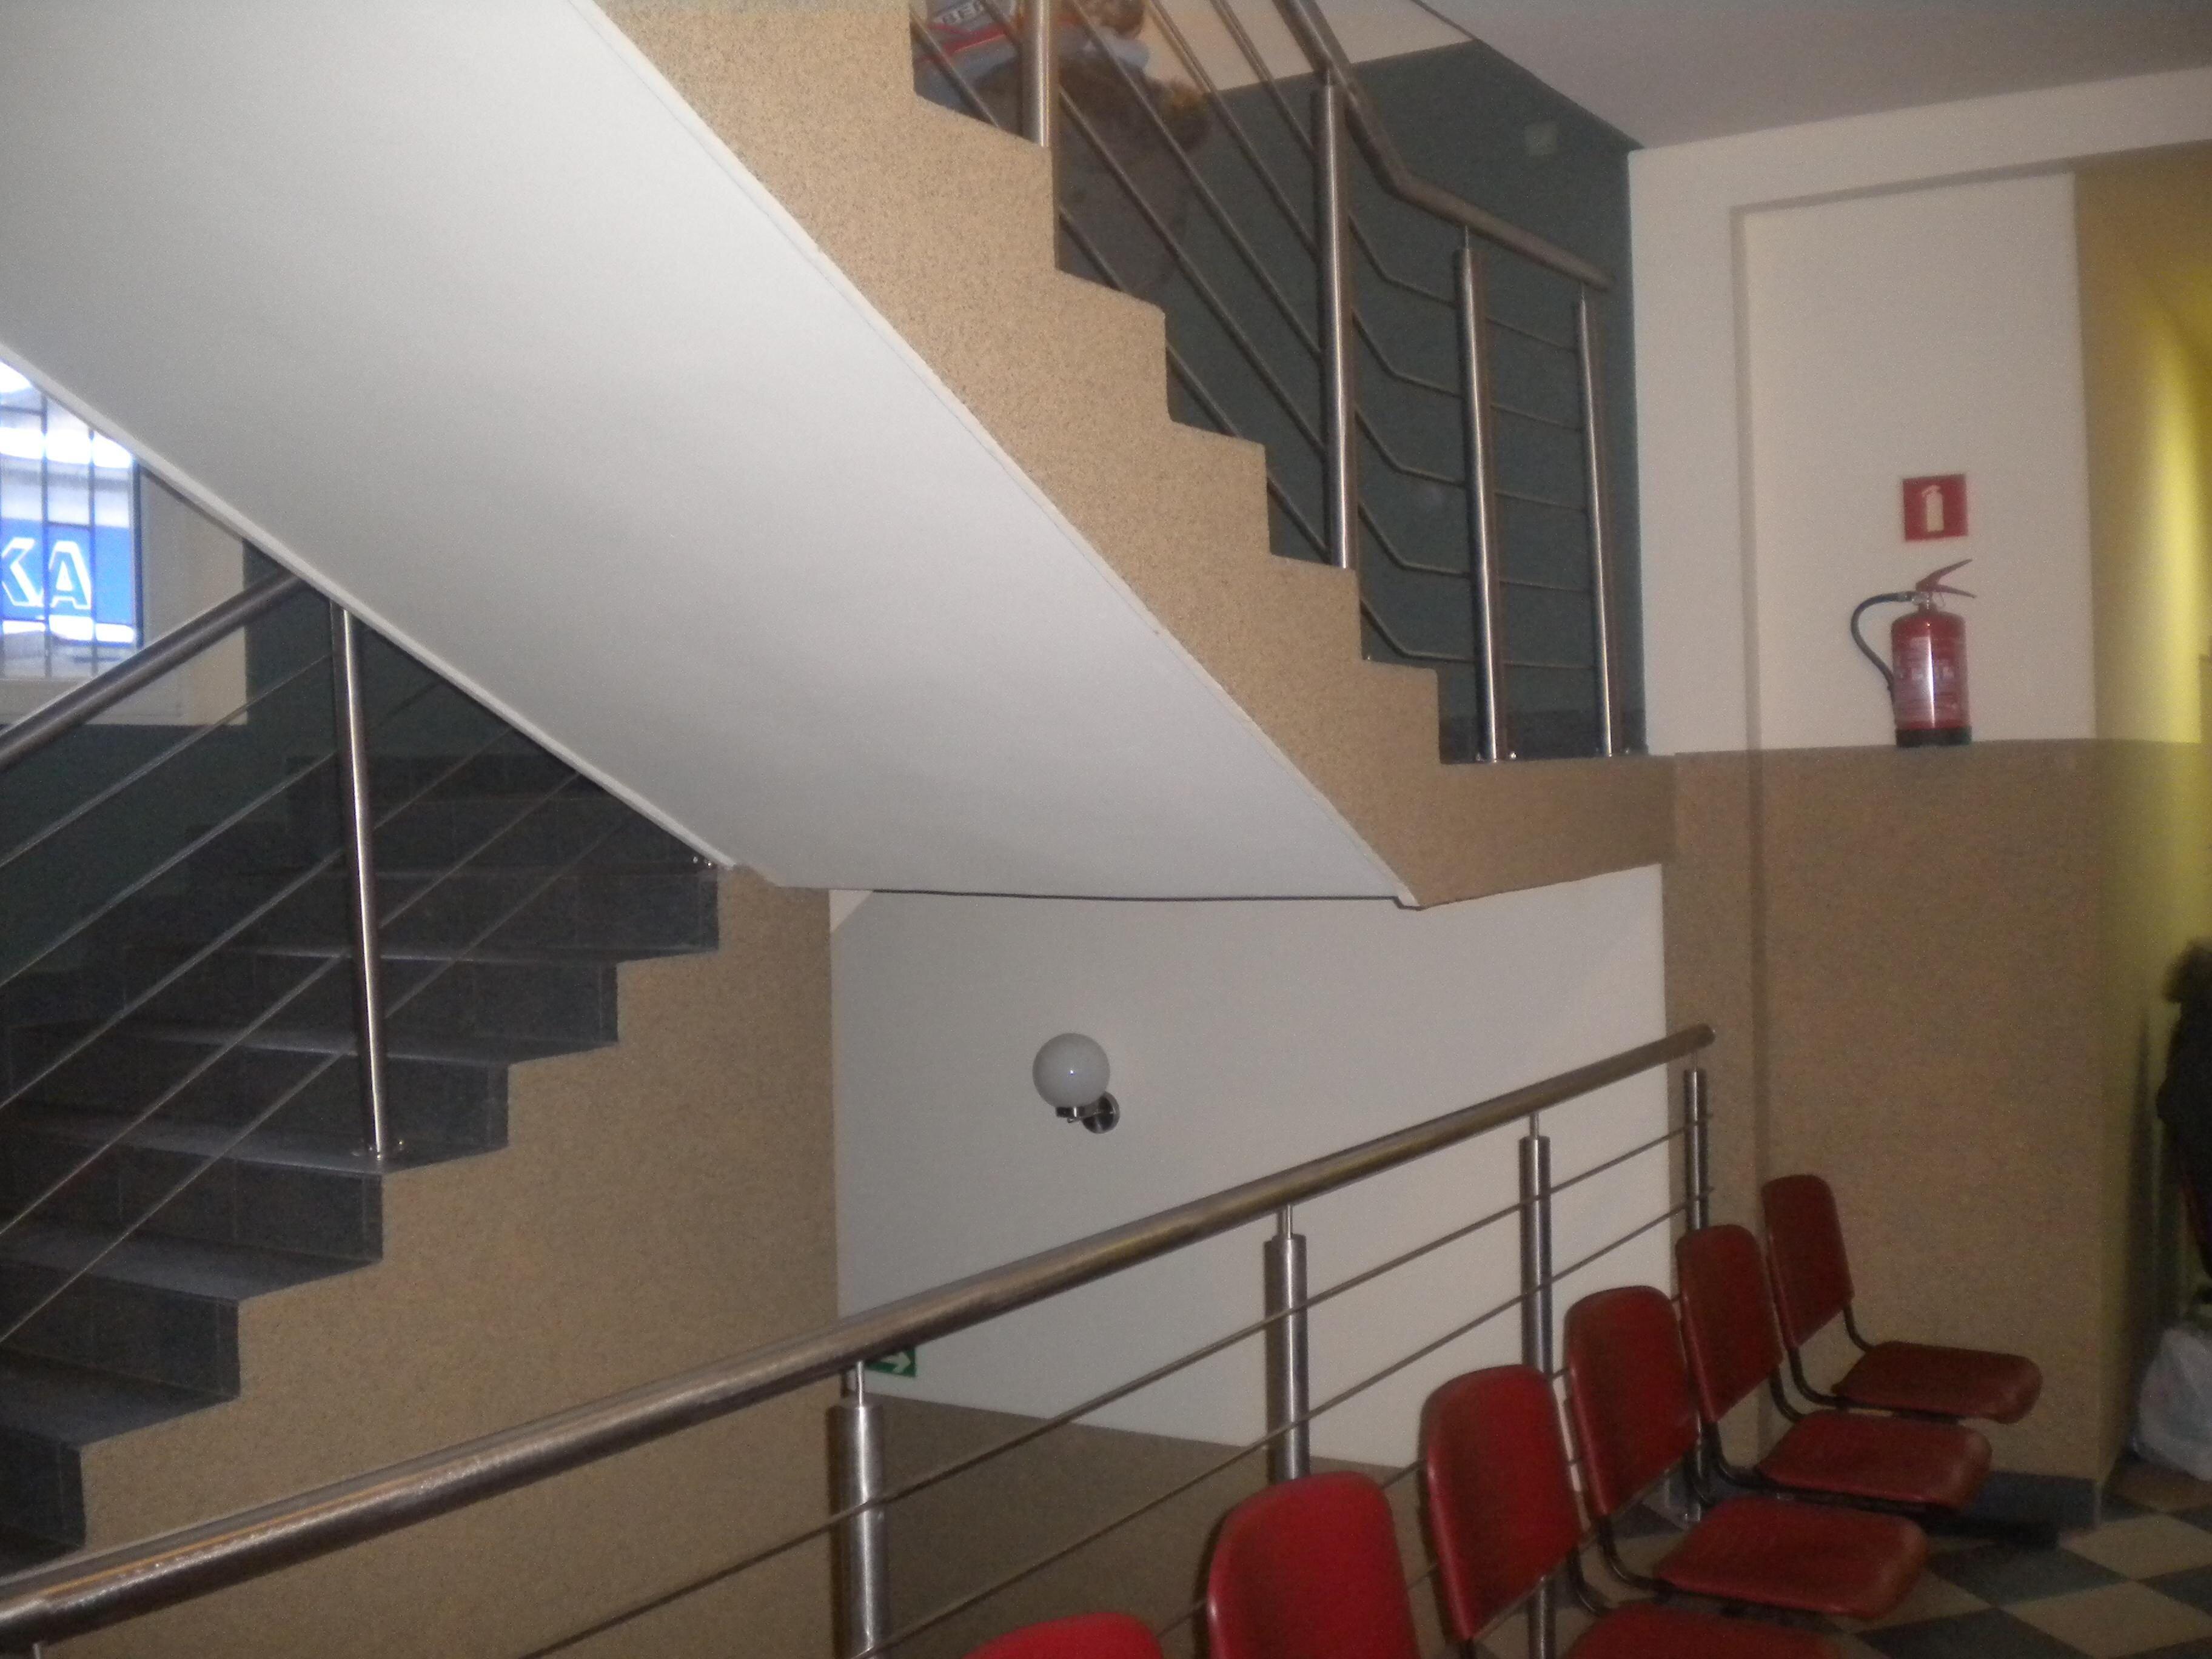 malowanie_kafelkowanie_wymiana_stolarki_drzwiowej2011_